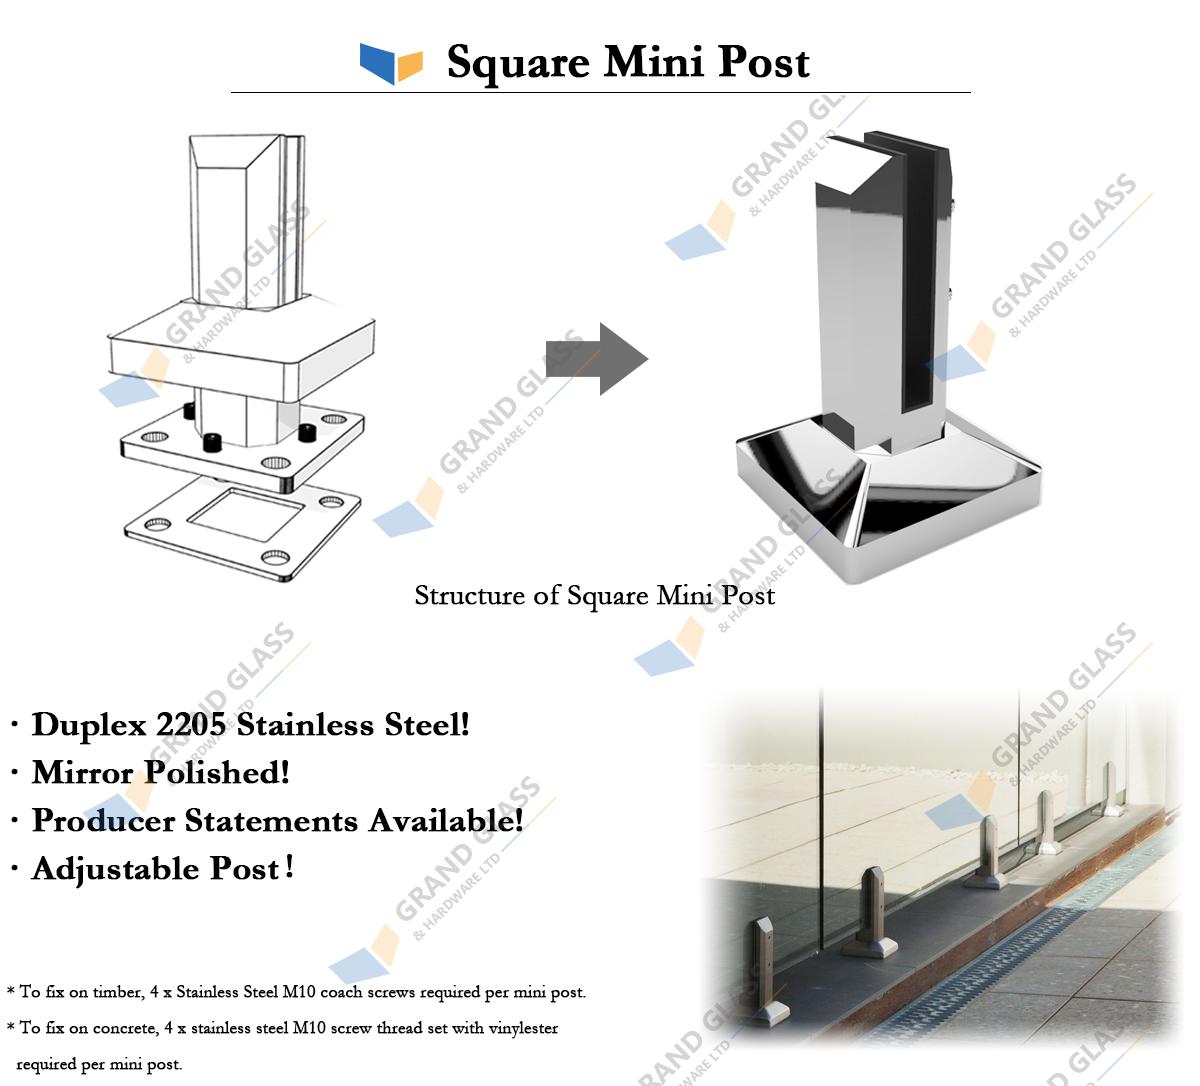 squareminipost05.jpg